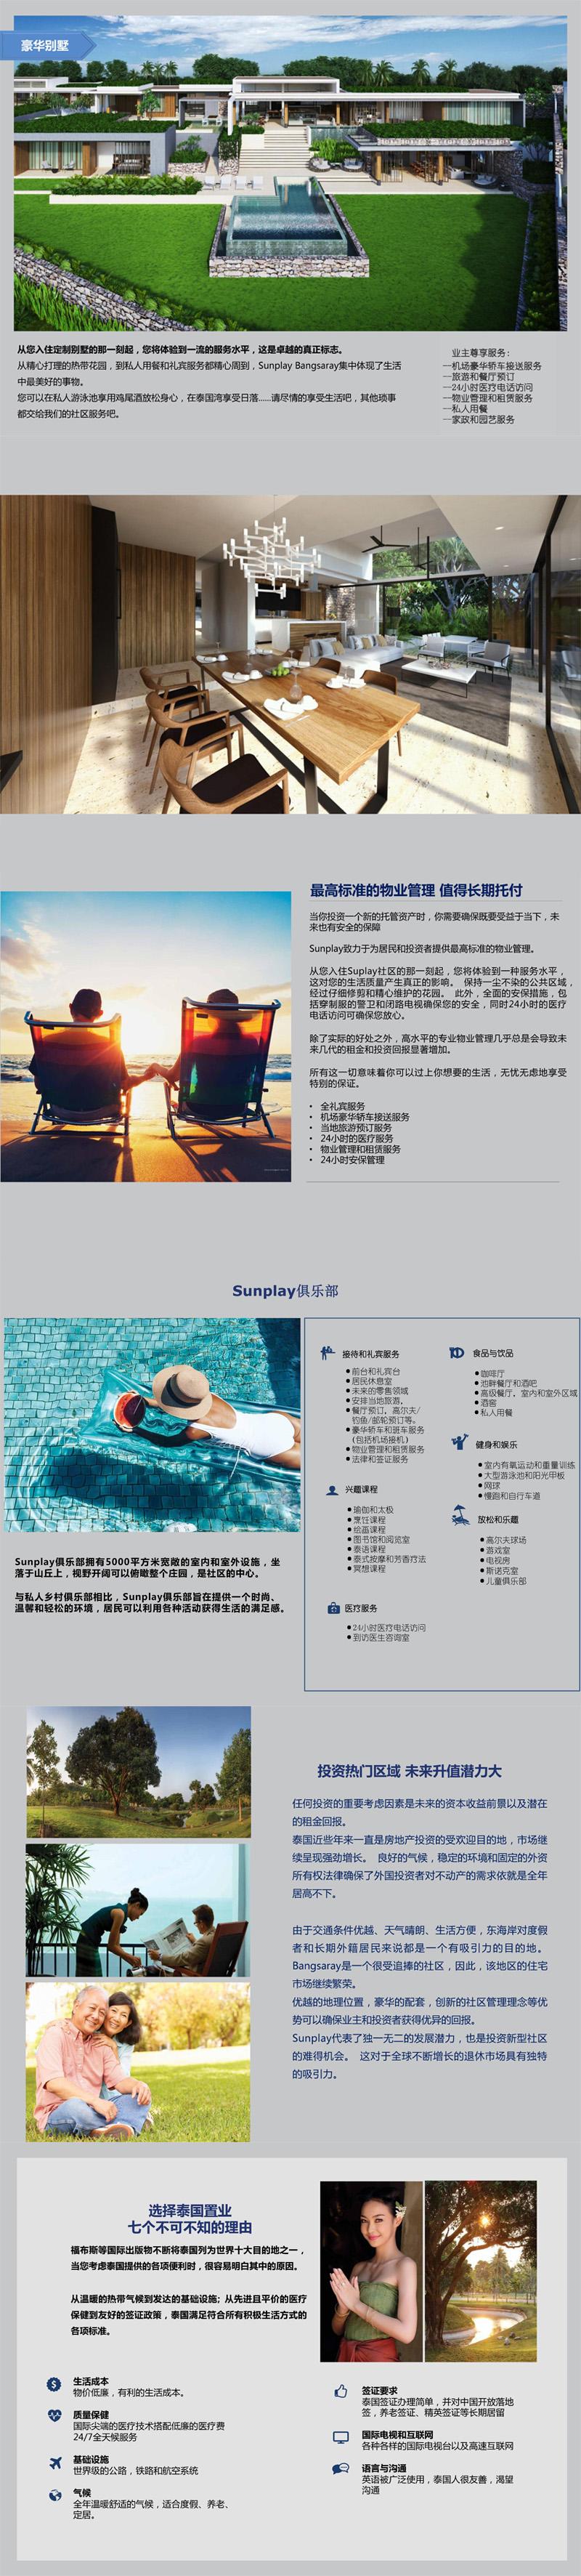 芭提雅 | Sunplay社区